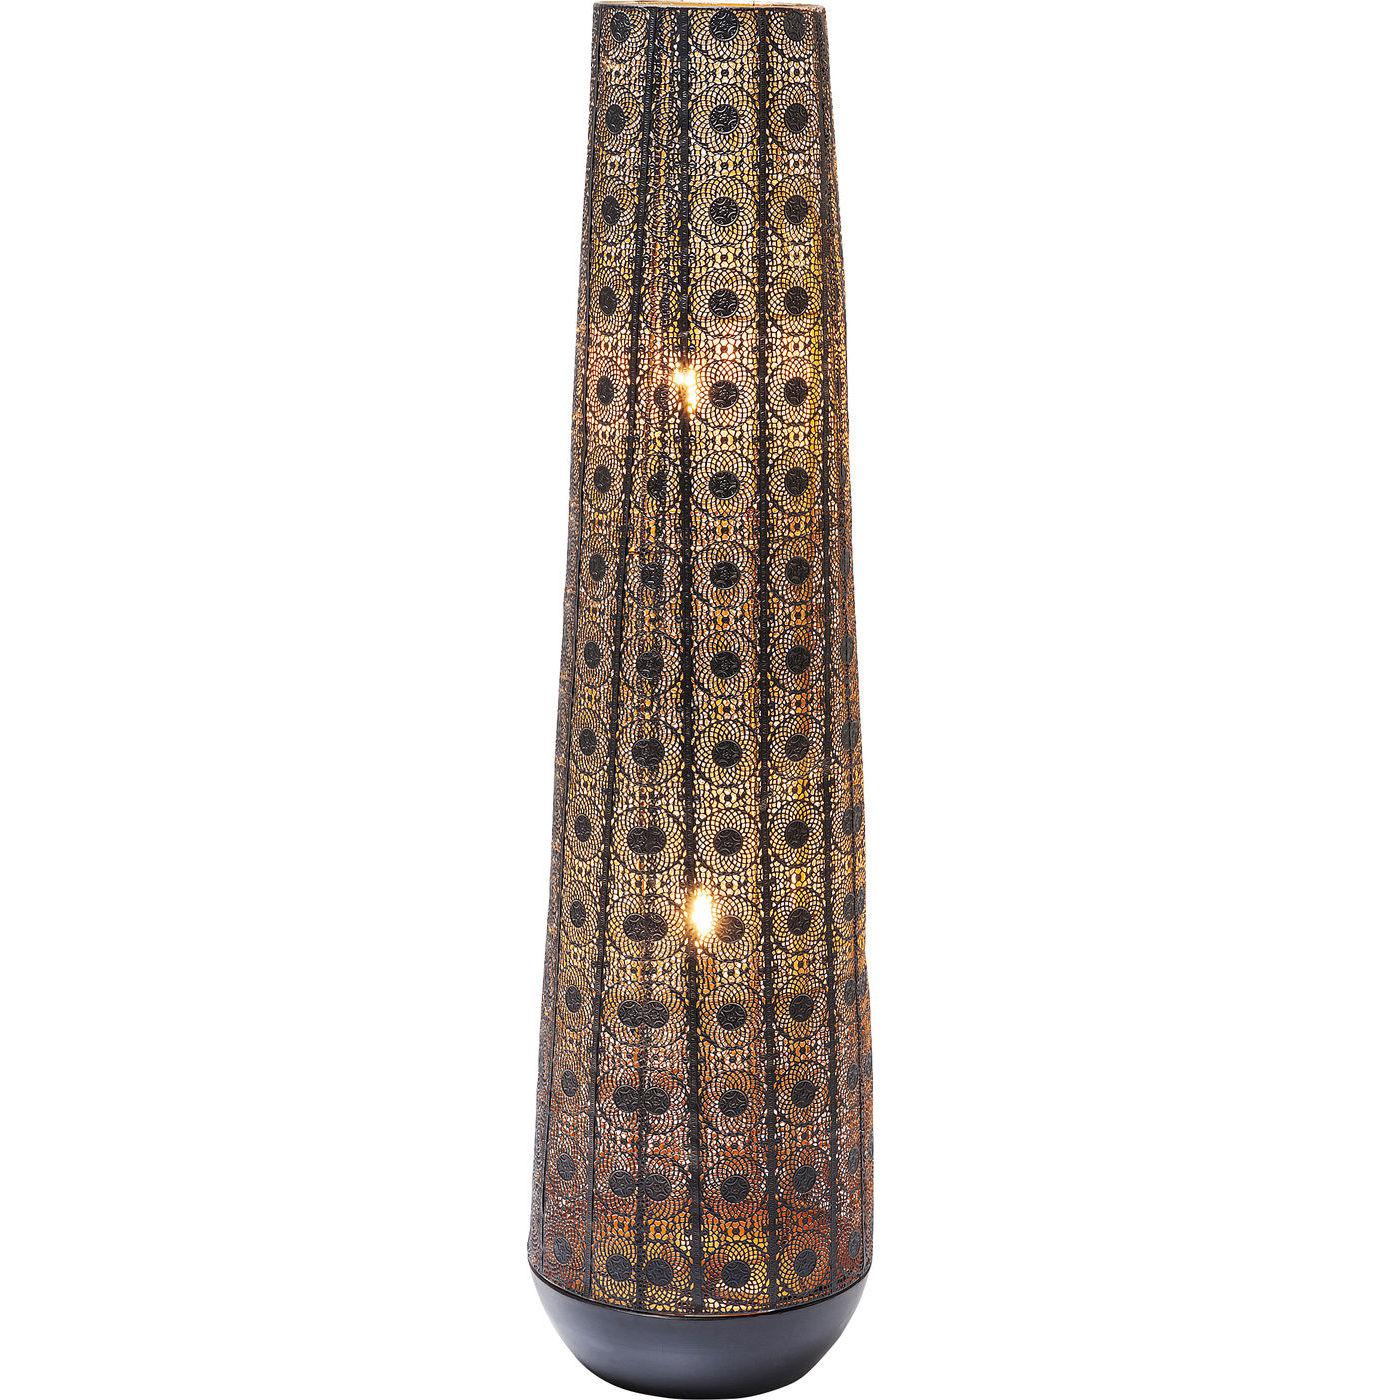 kare design – Kare design sultan cone gulvlampe - stål (120cm) fra boboonline.dk